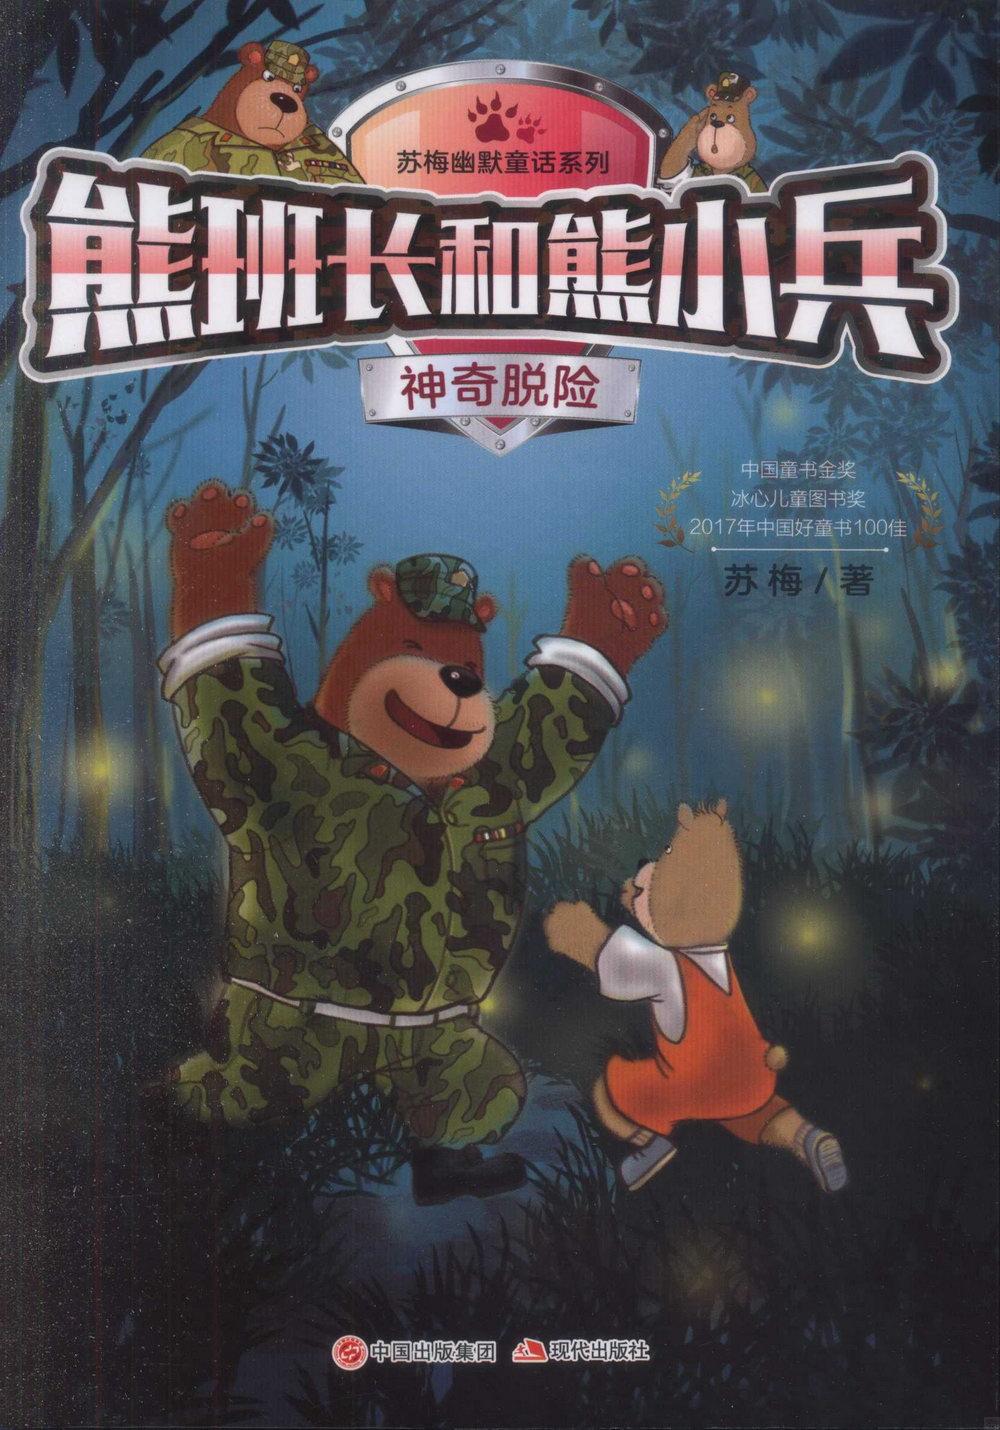 熊班長和熊小兵:神奇脫險